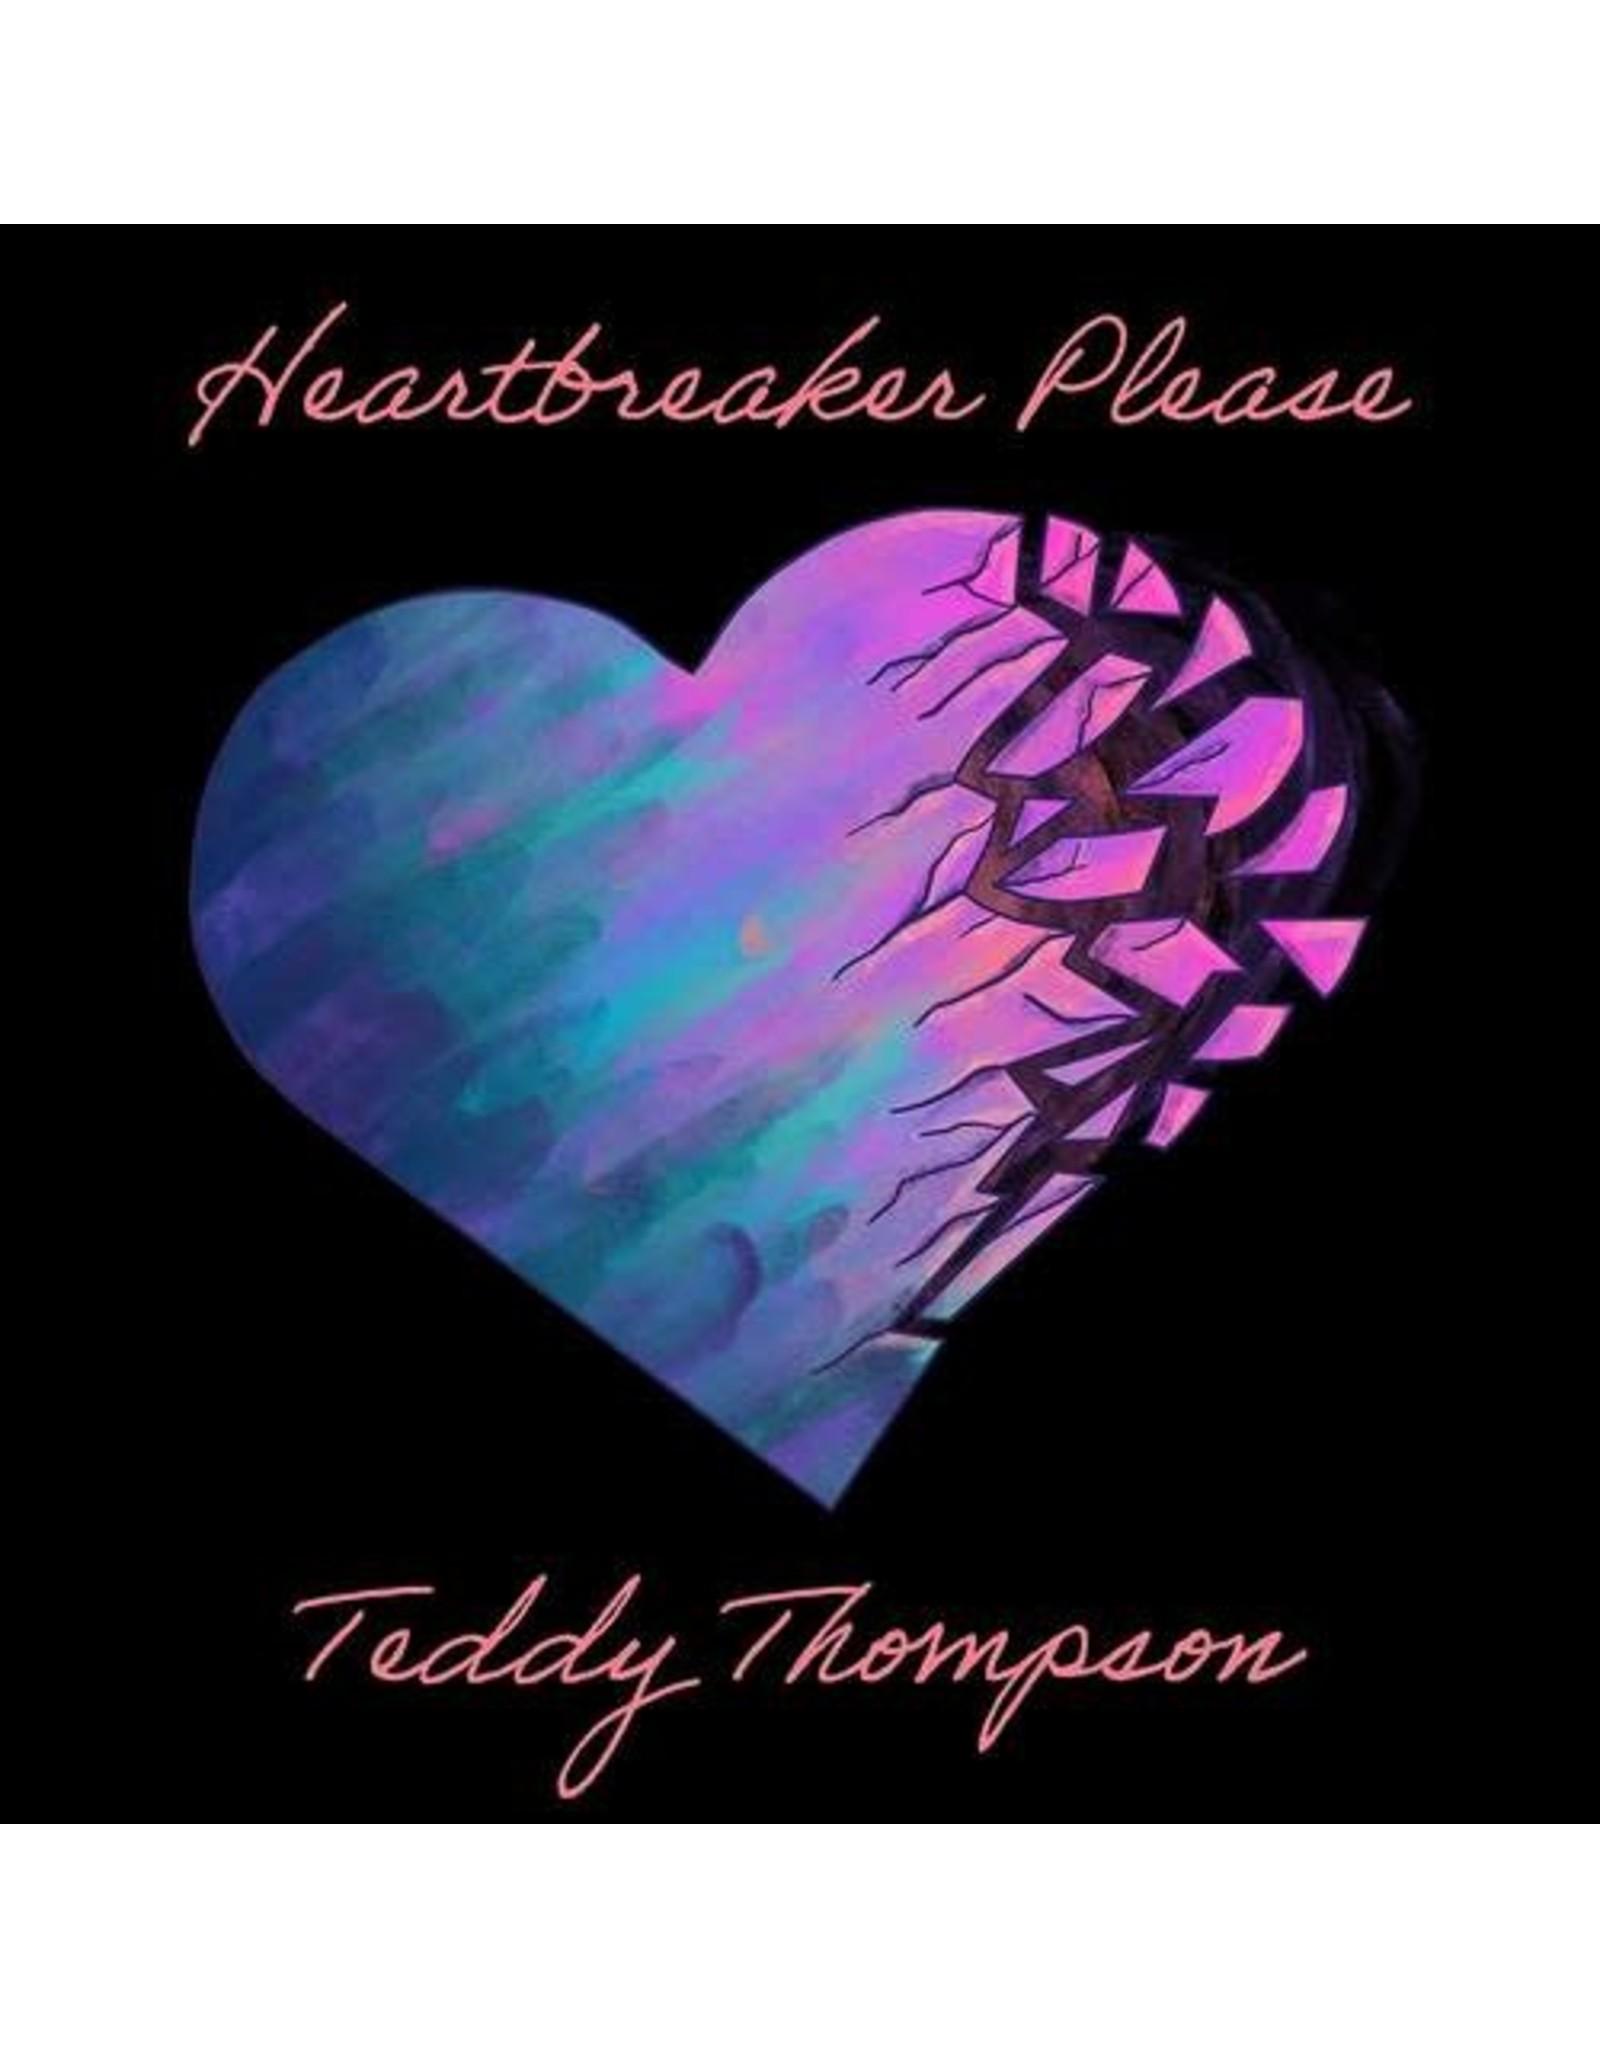 Thompson, Teddy - Hearbreaker Please LP